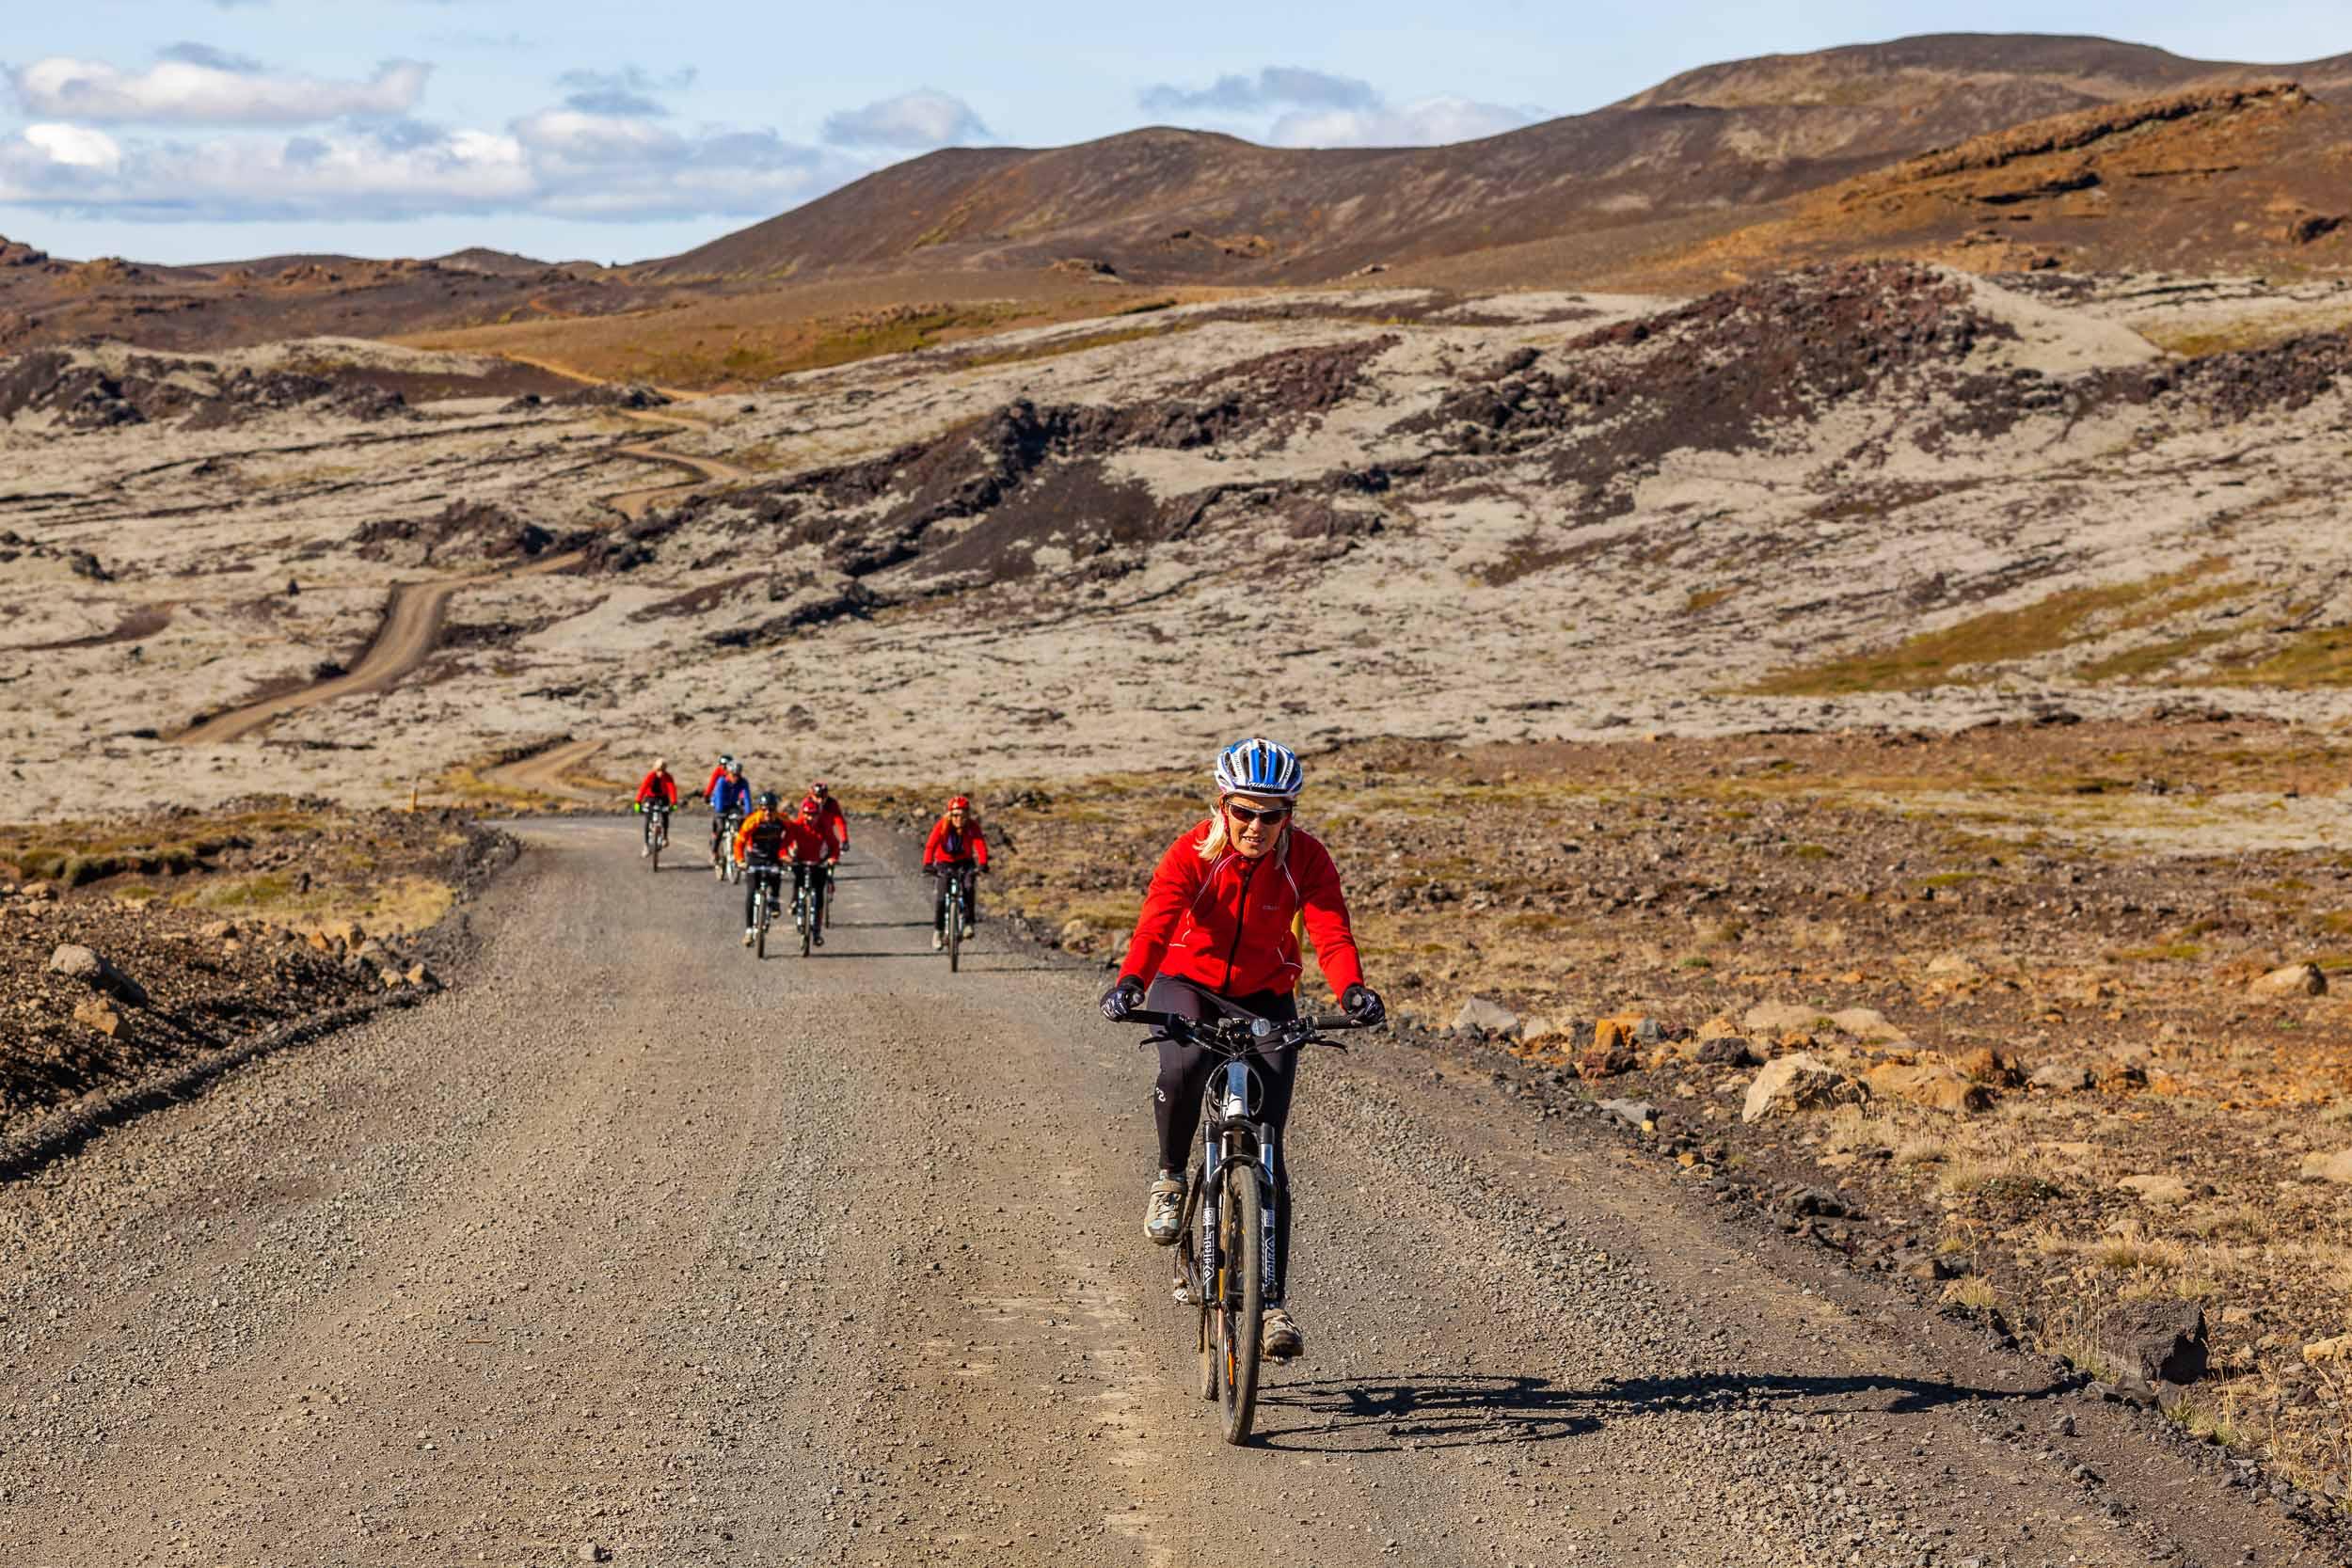 Mountain biking through lava flows